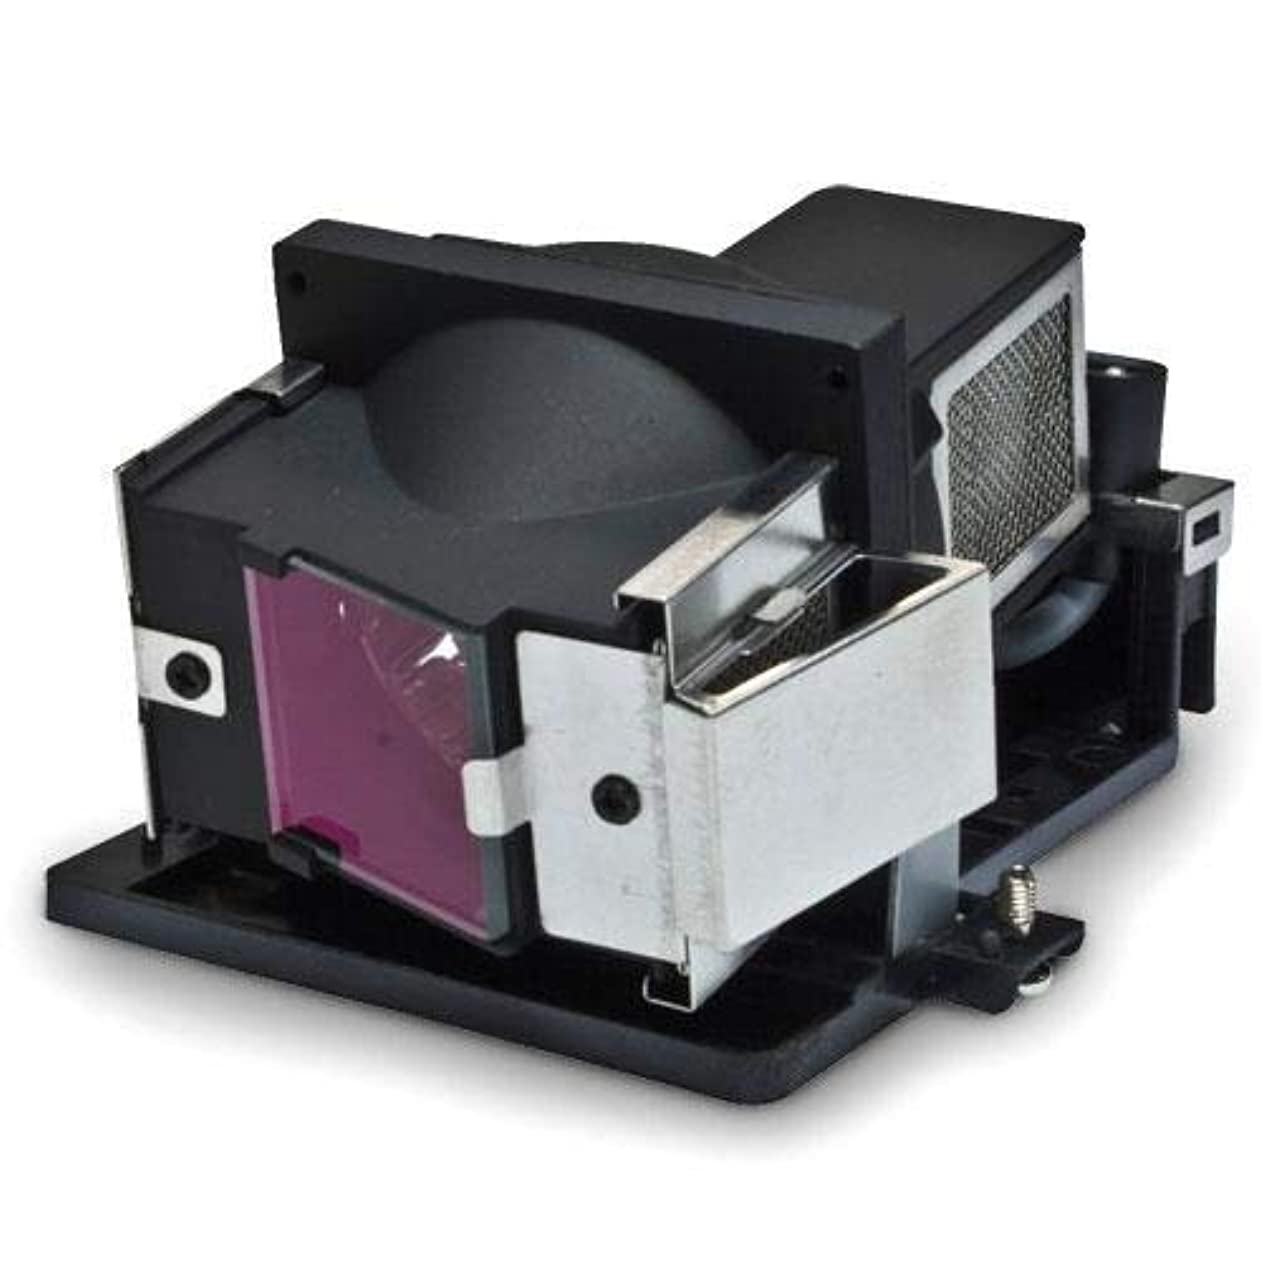 どれでもアプライアンスシーケンスPureglare VIVITEK D-326MX プロジェクター交換用ランプ 汎用 150日間安心保証つき